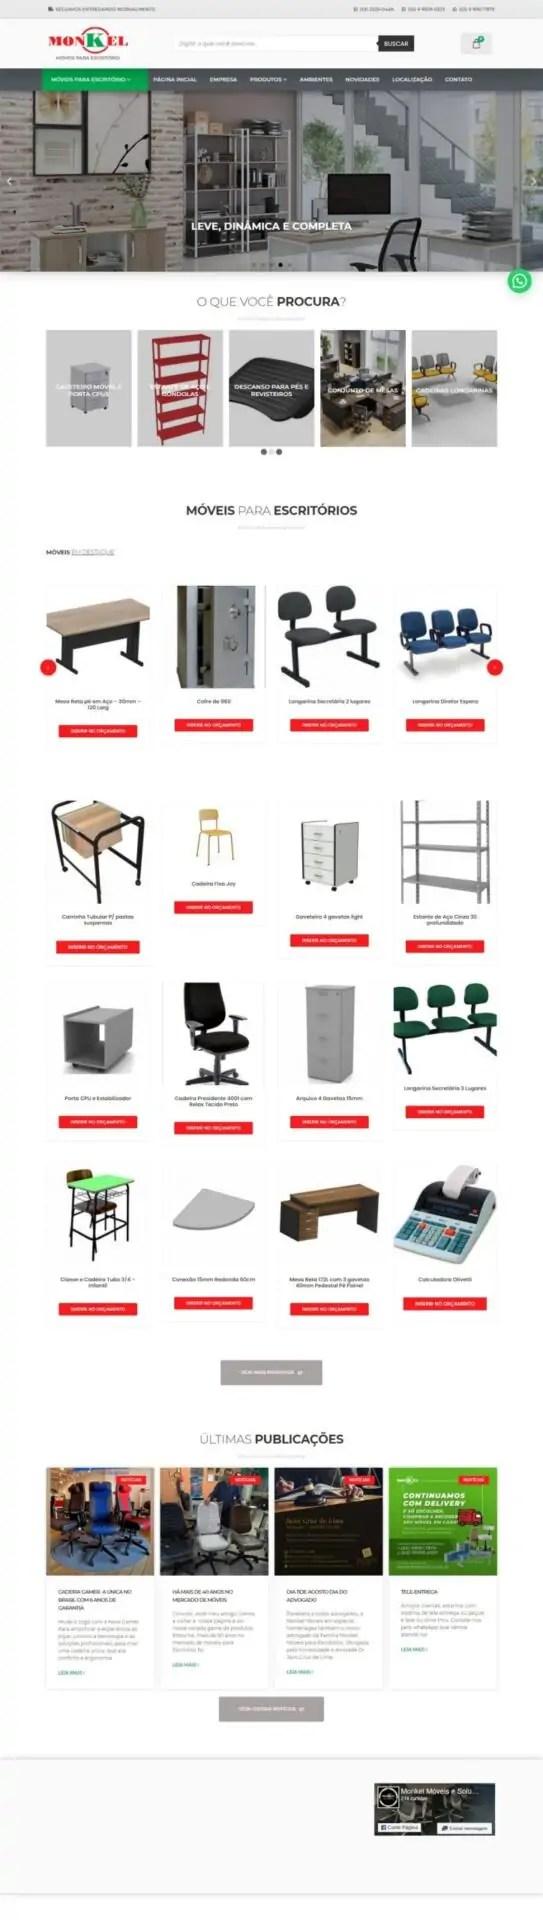 Captura da Web_9-2-2021_16212_www.monkelmoveis.com.br